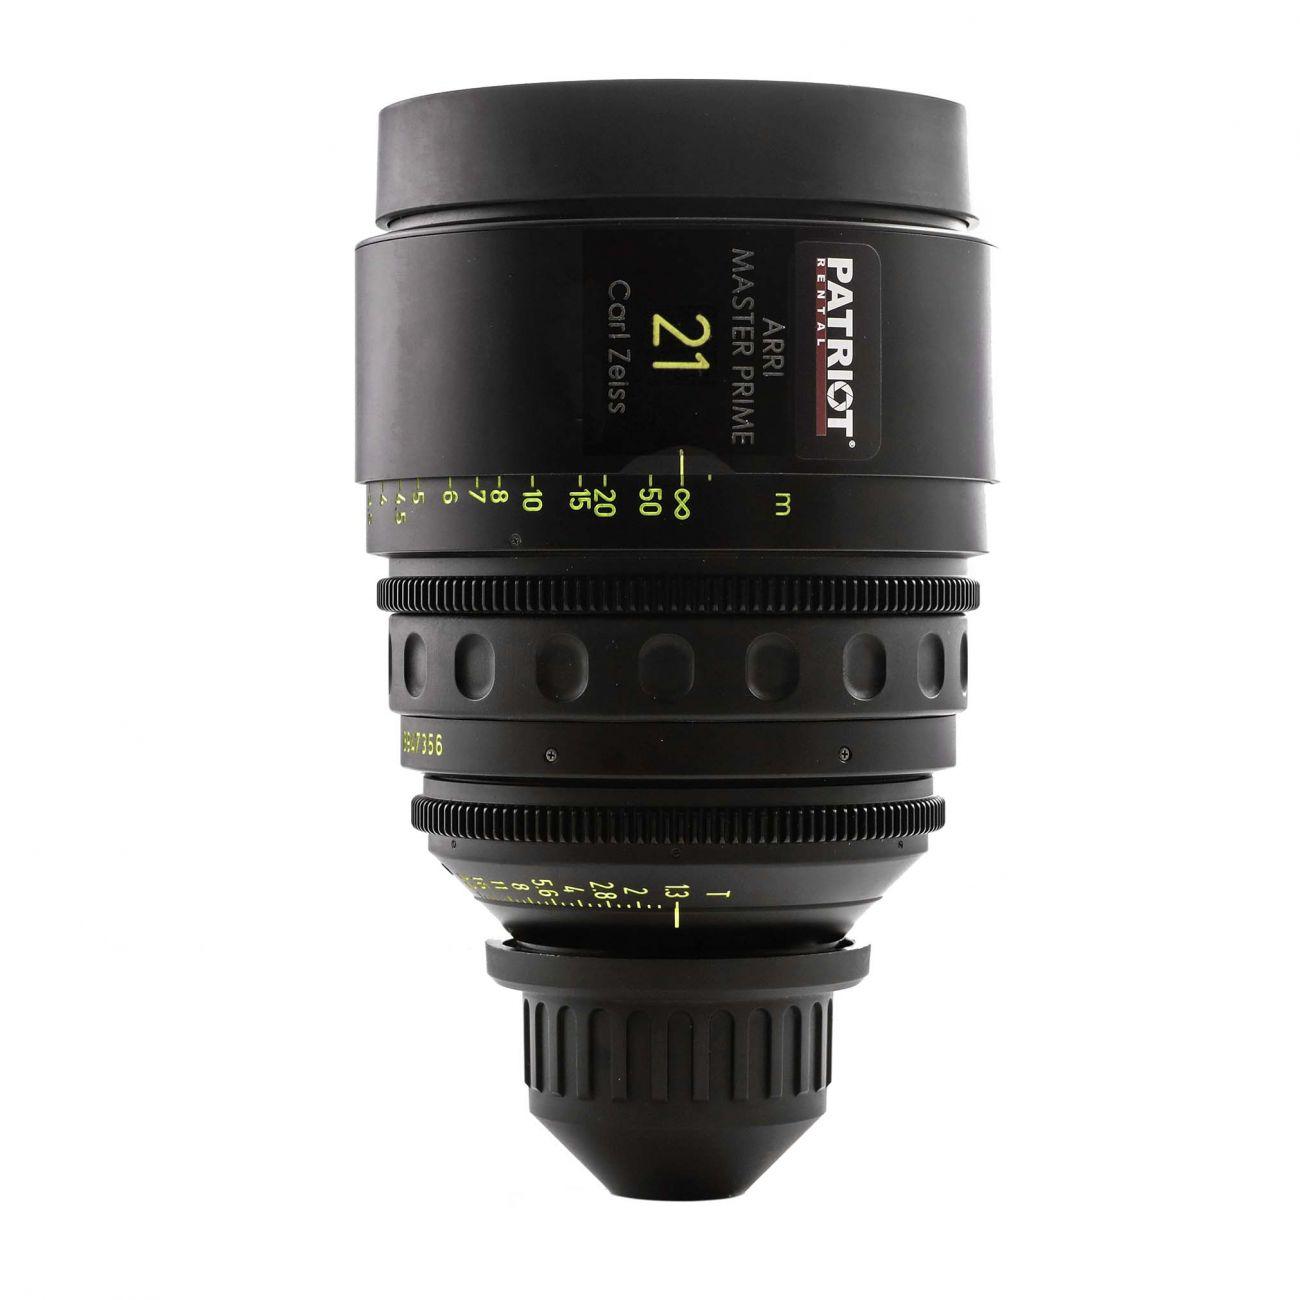 21mm ARRI MASTER PRIME Lens T1.3